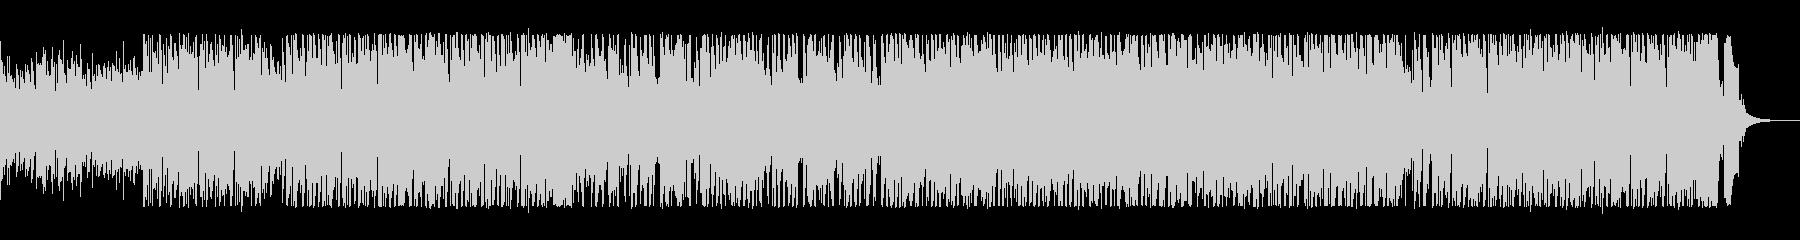 軽快なピアノの伴奏が挑発的なポップスの未再生の波形